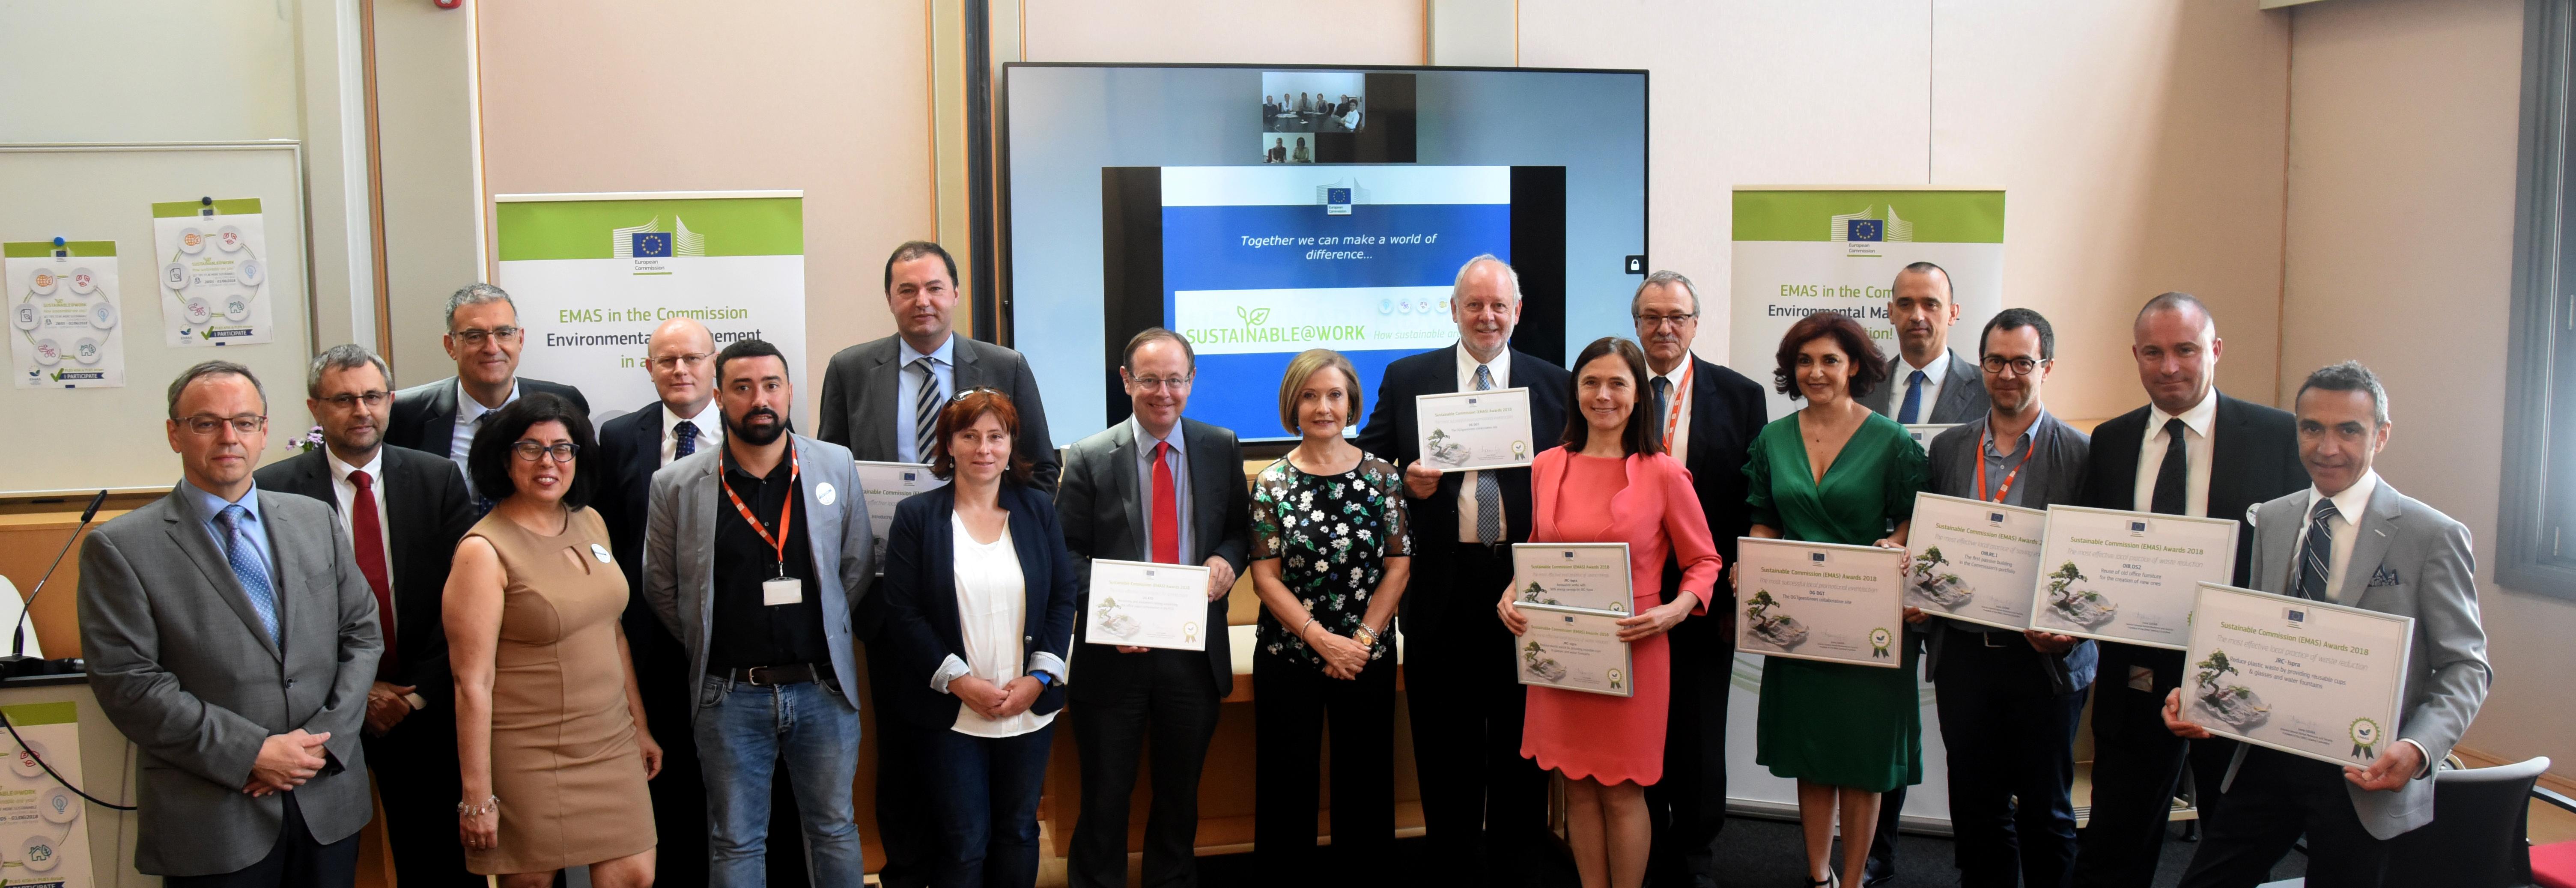 Член на БАИС с награда EMAS 2018 на Европейската Комисия